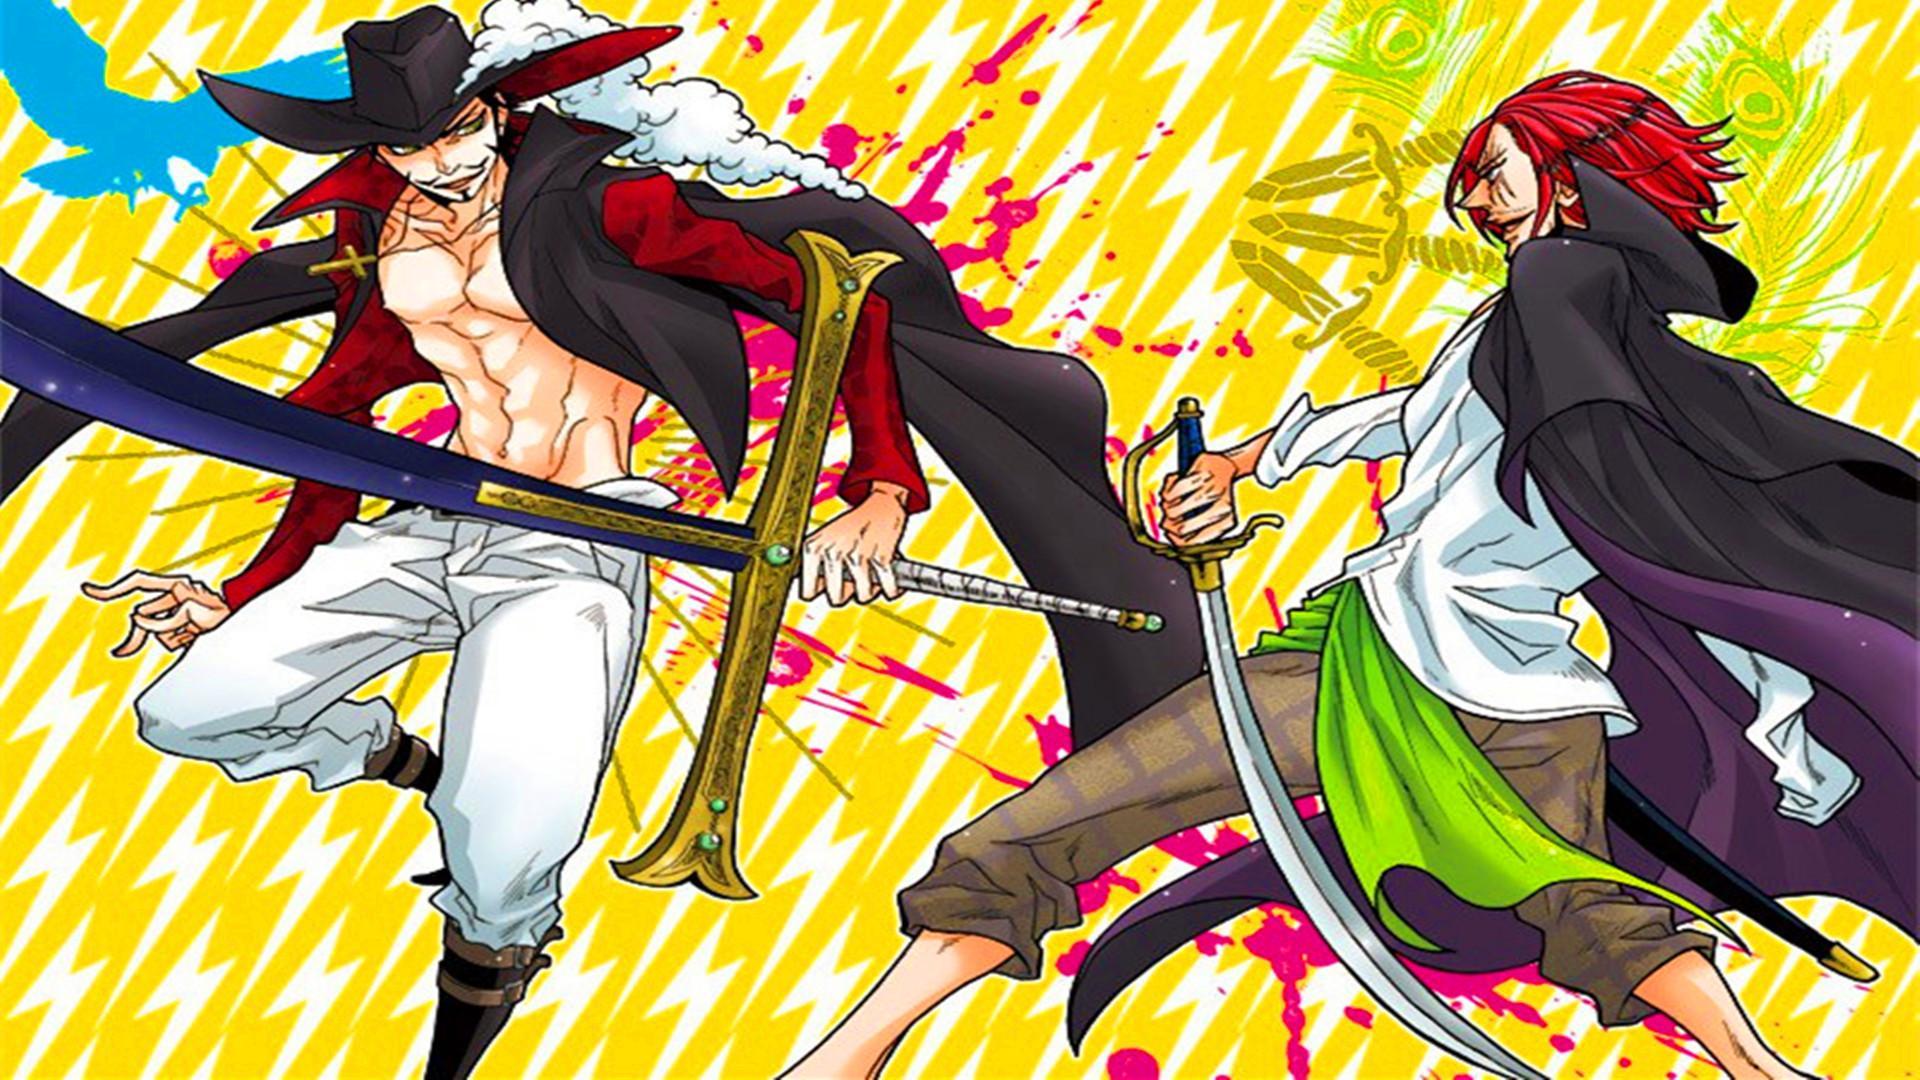 海賊王:凱多和大媽聯手實力強橫,哪些二人組合能與他們相抗衡?